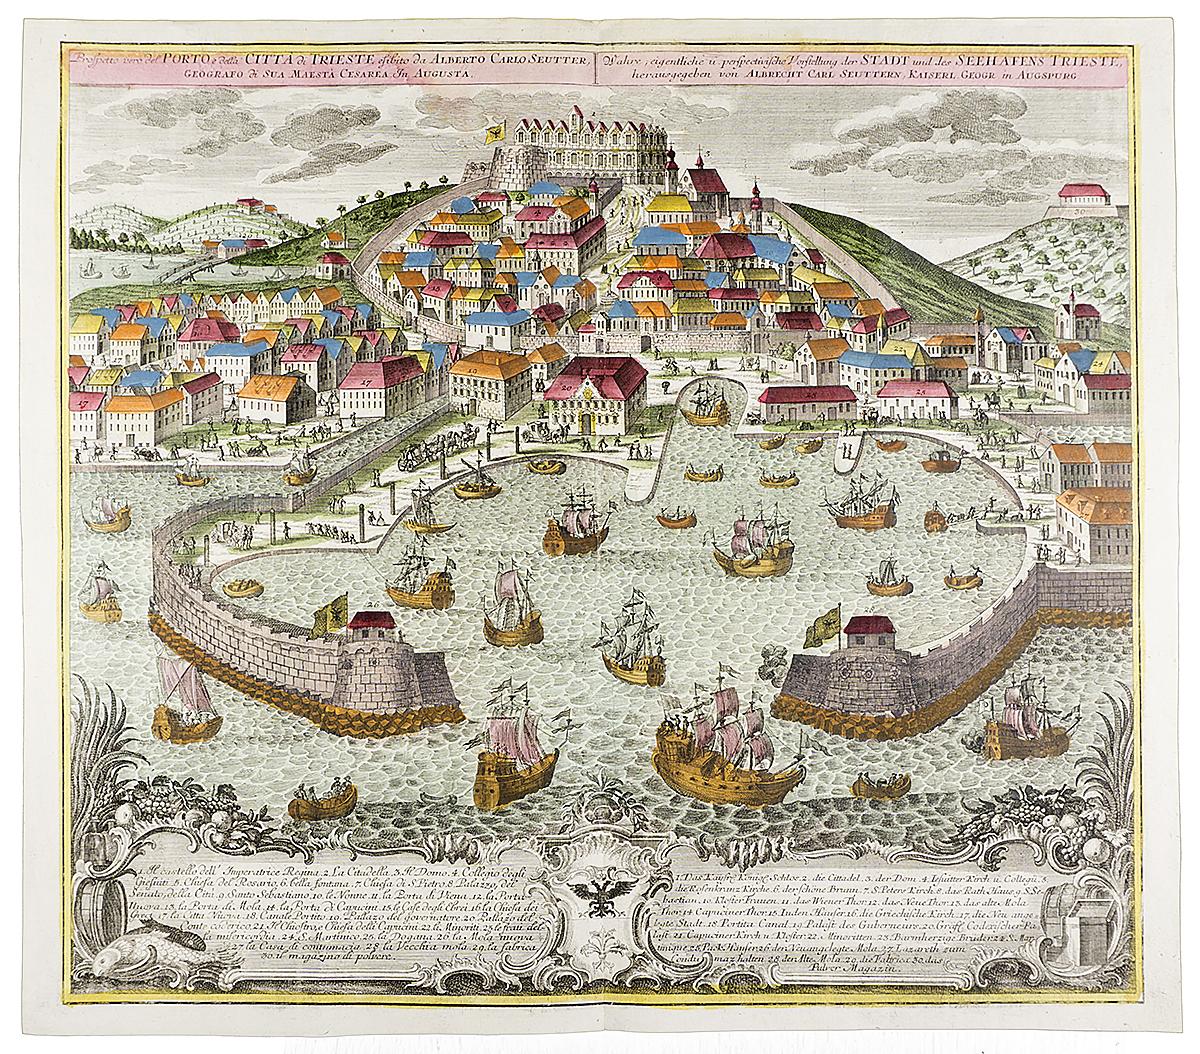 План-карта города и порта Триест. Цветная гравюра, Западная Европа, около 1720 года